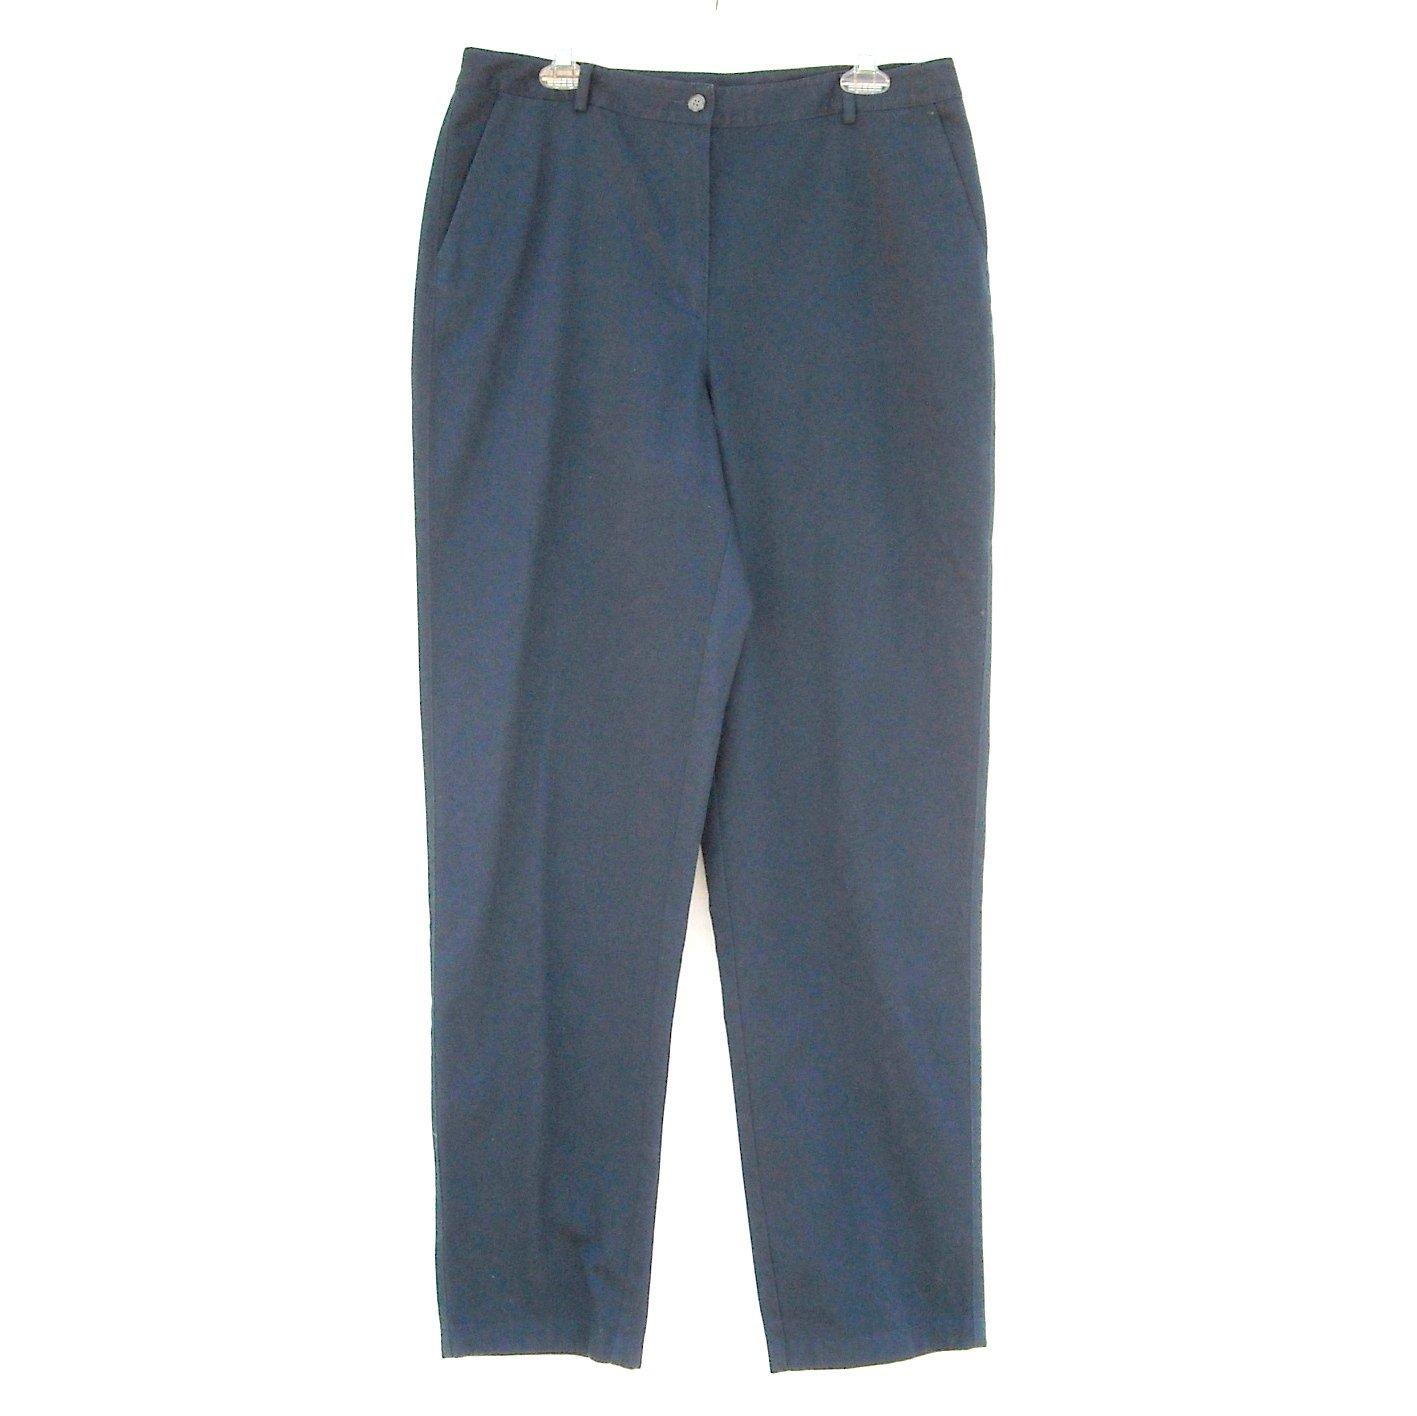 L L Bean Navy Dark Blue Pants size 14 Tall